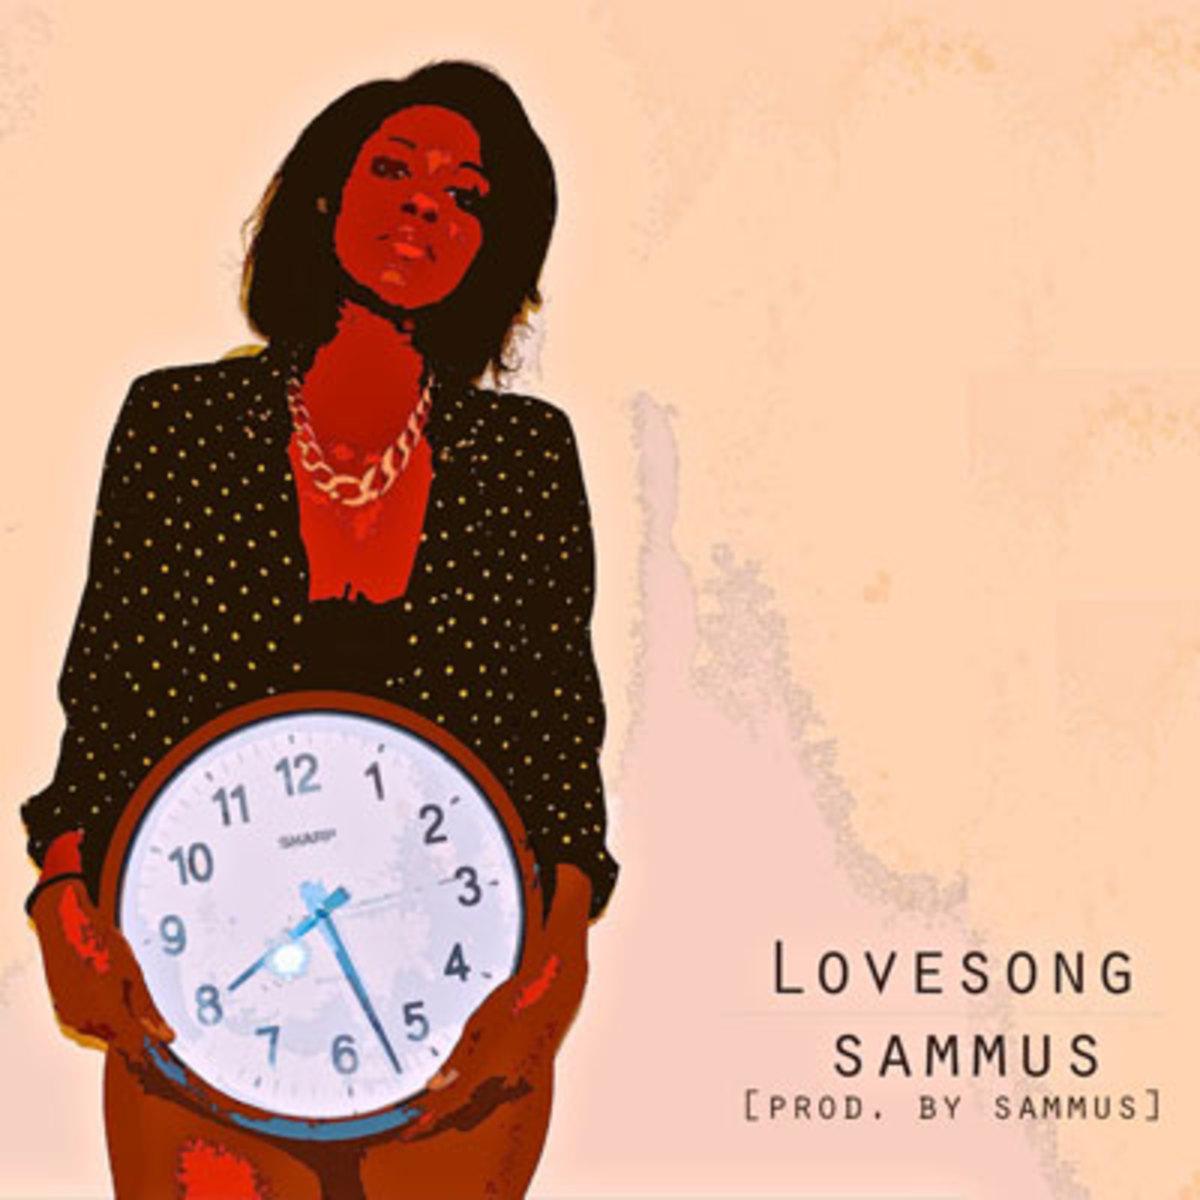 sammus-lovesong.jpg